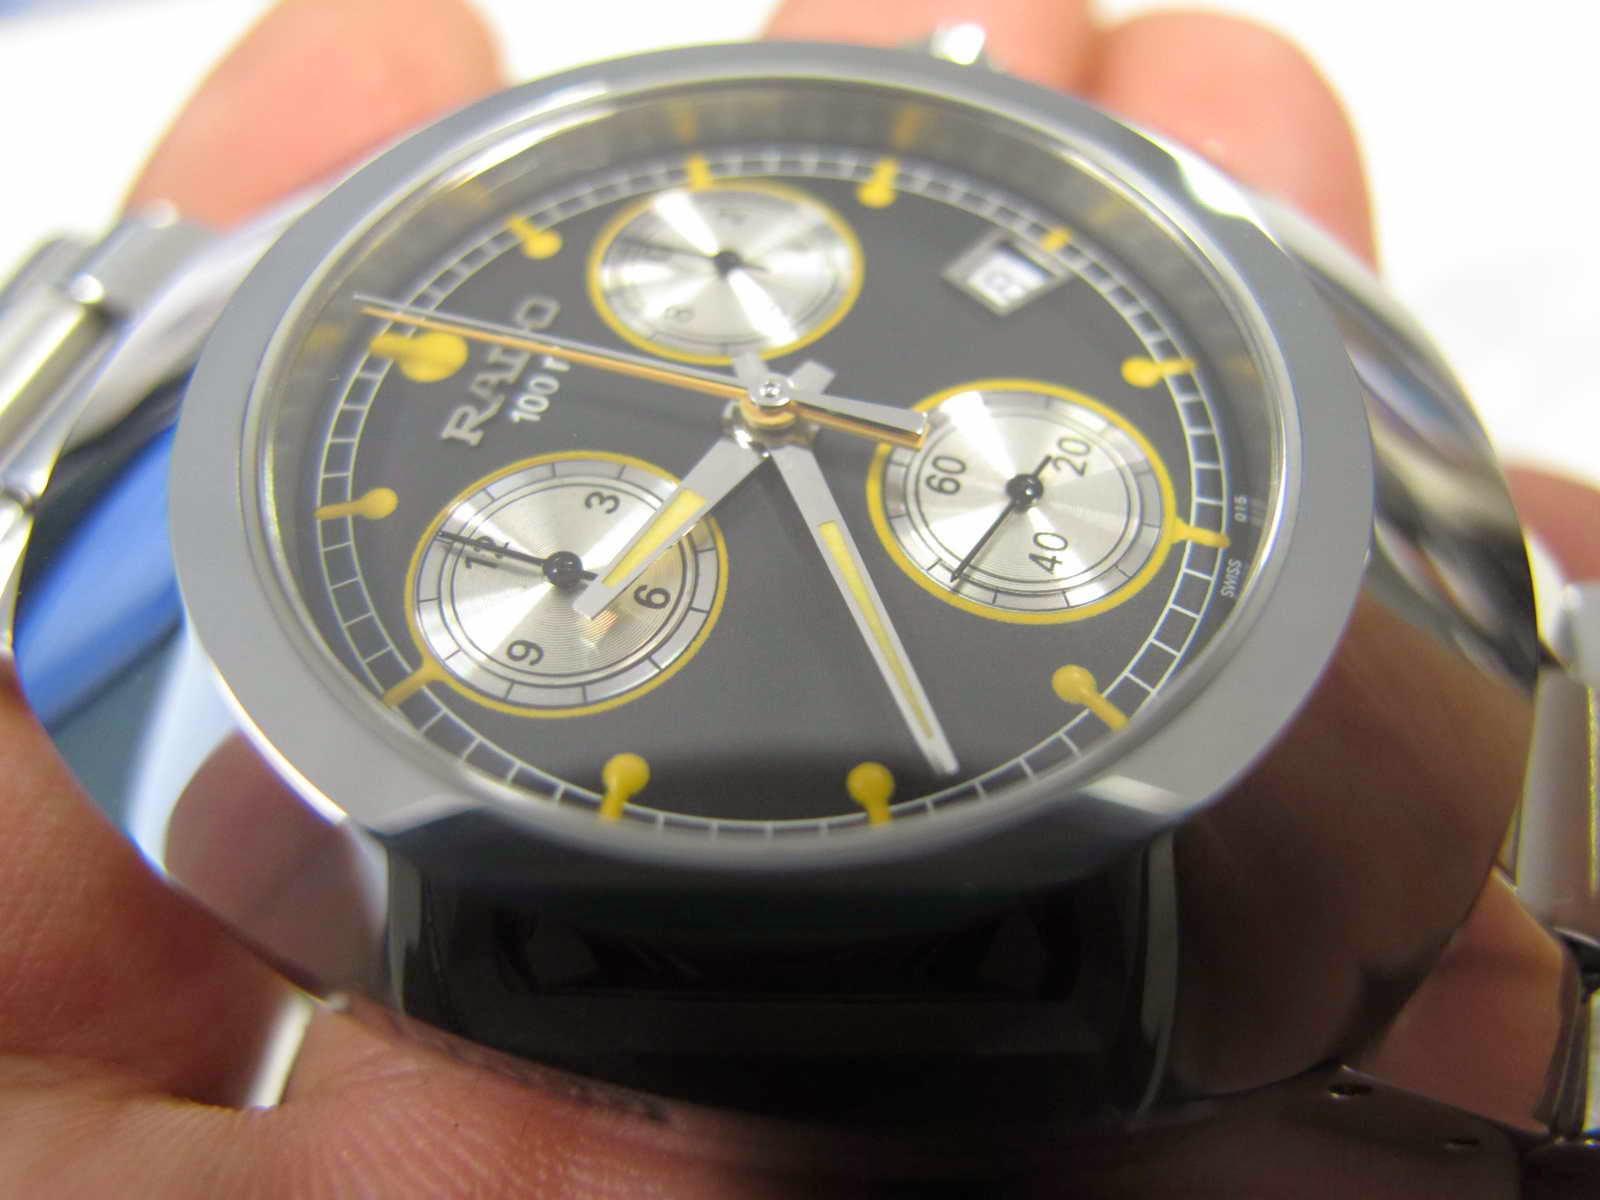 Bracelet panjang dan masih ada sisa link braceletnya Kondisi SUPERB Cocok untuk Anda yang sedang mencari jam tangan Chronograph Quartz Swiss made